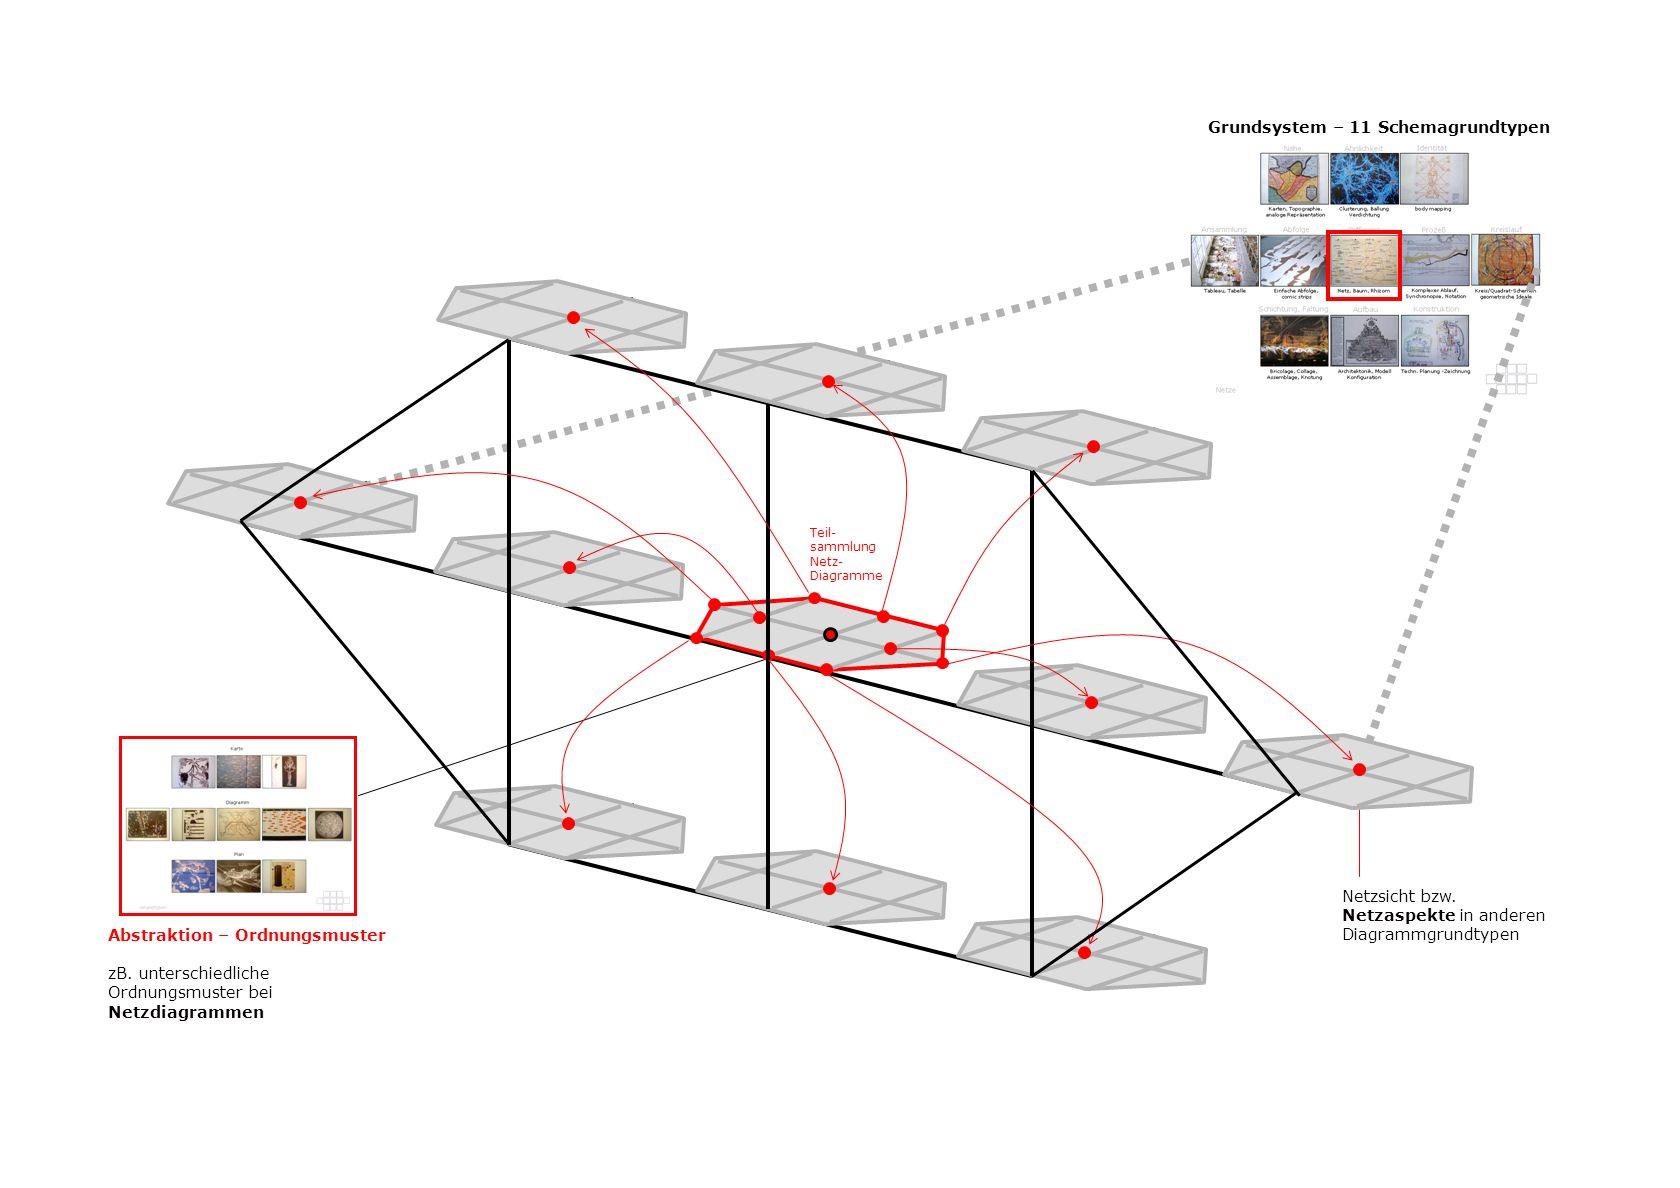 Grundsystem – 11 Schemagrundtypen